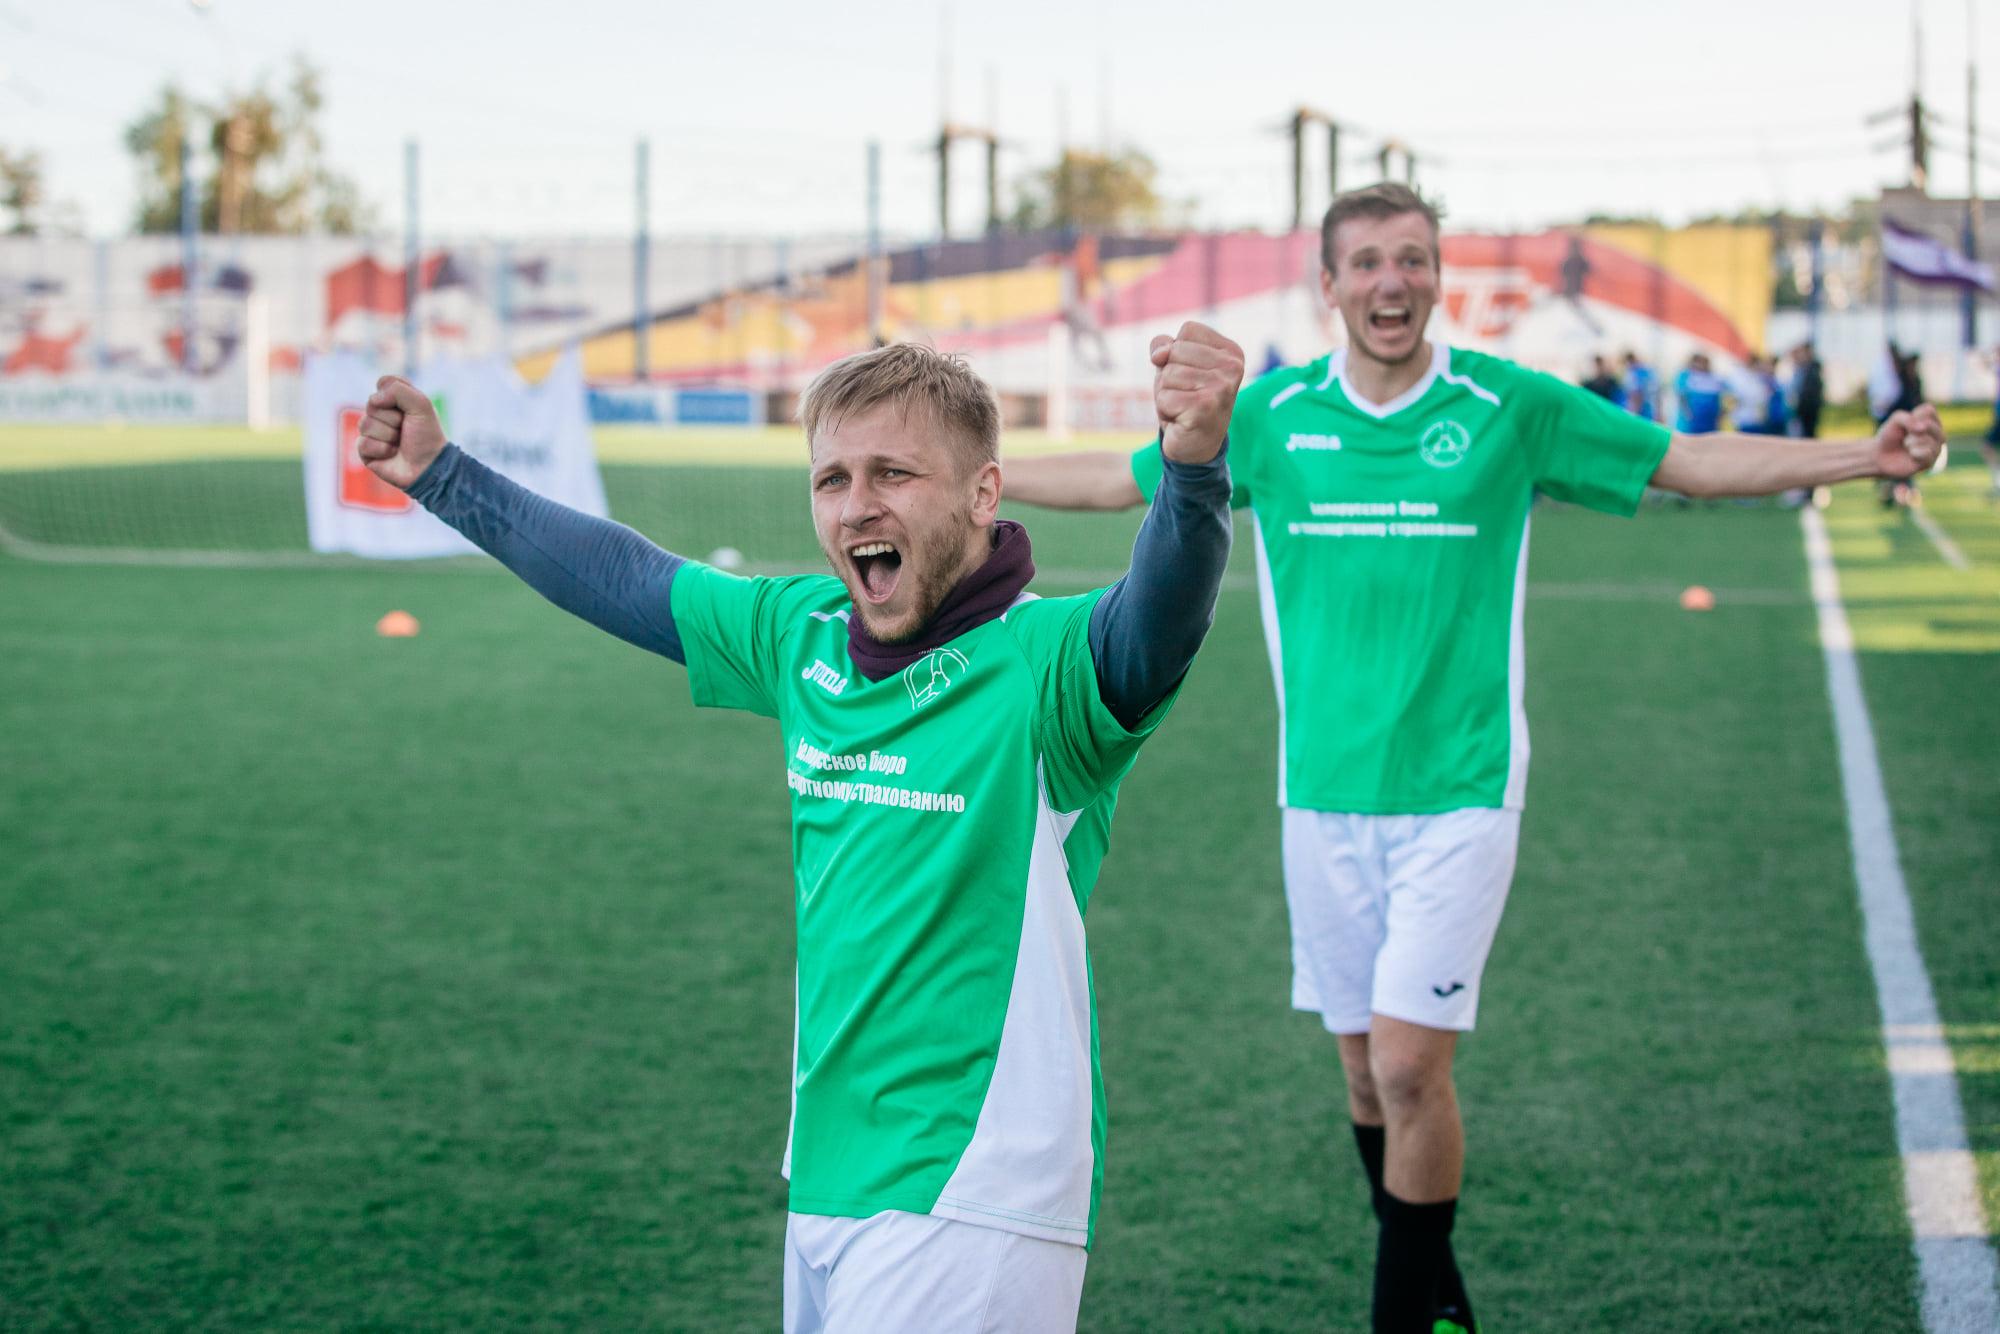 Футбольный турнир Carrier's Cup 2021: осталось 5 мест! 3